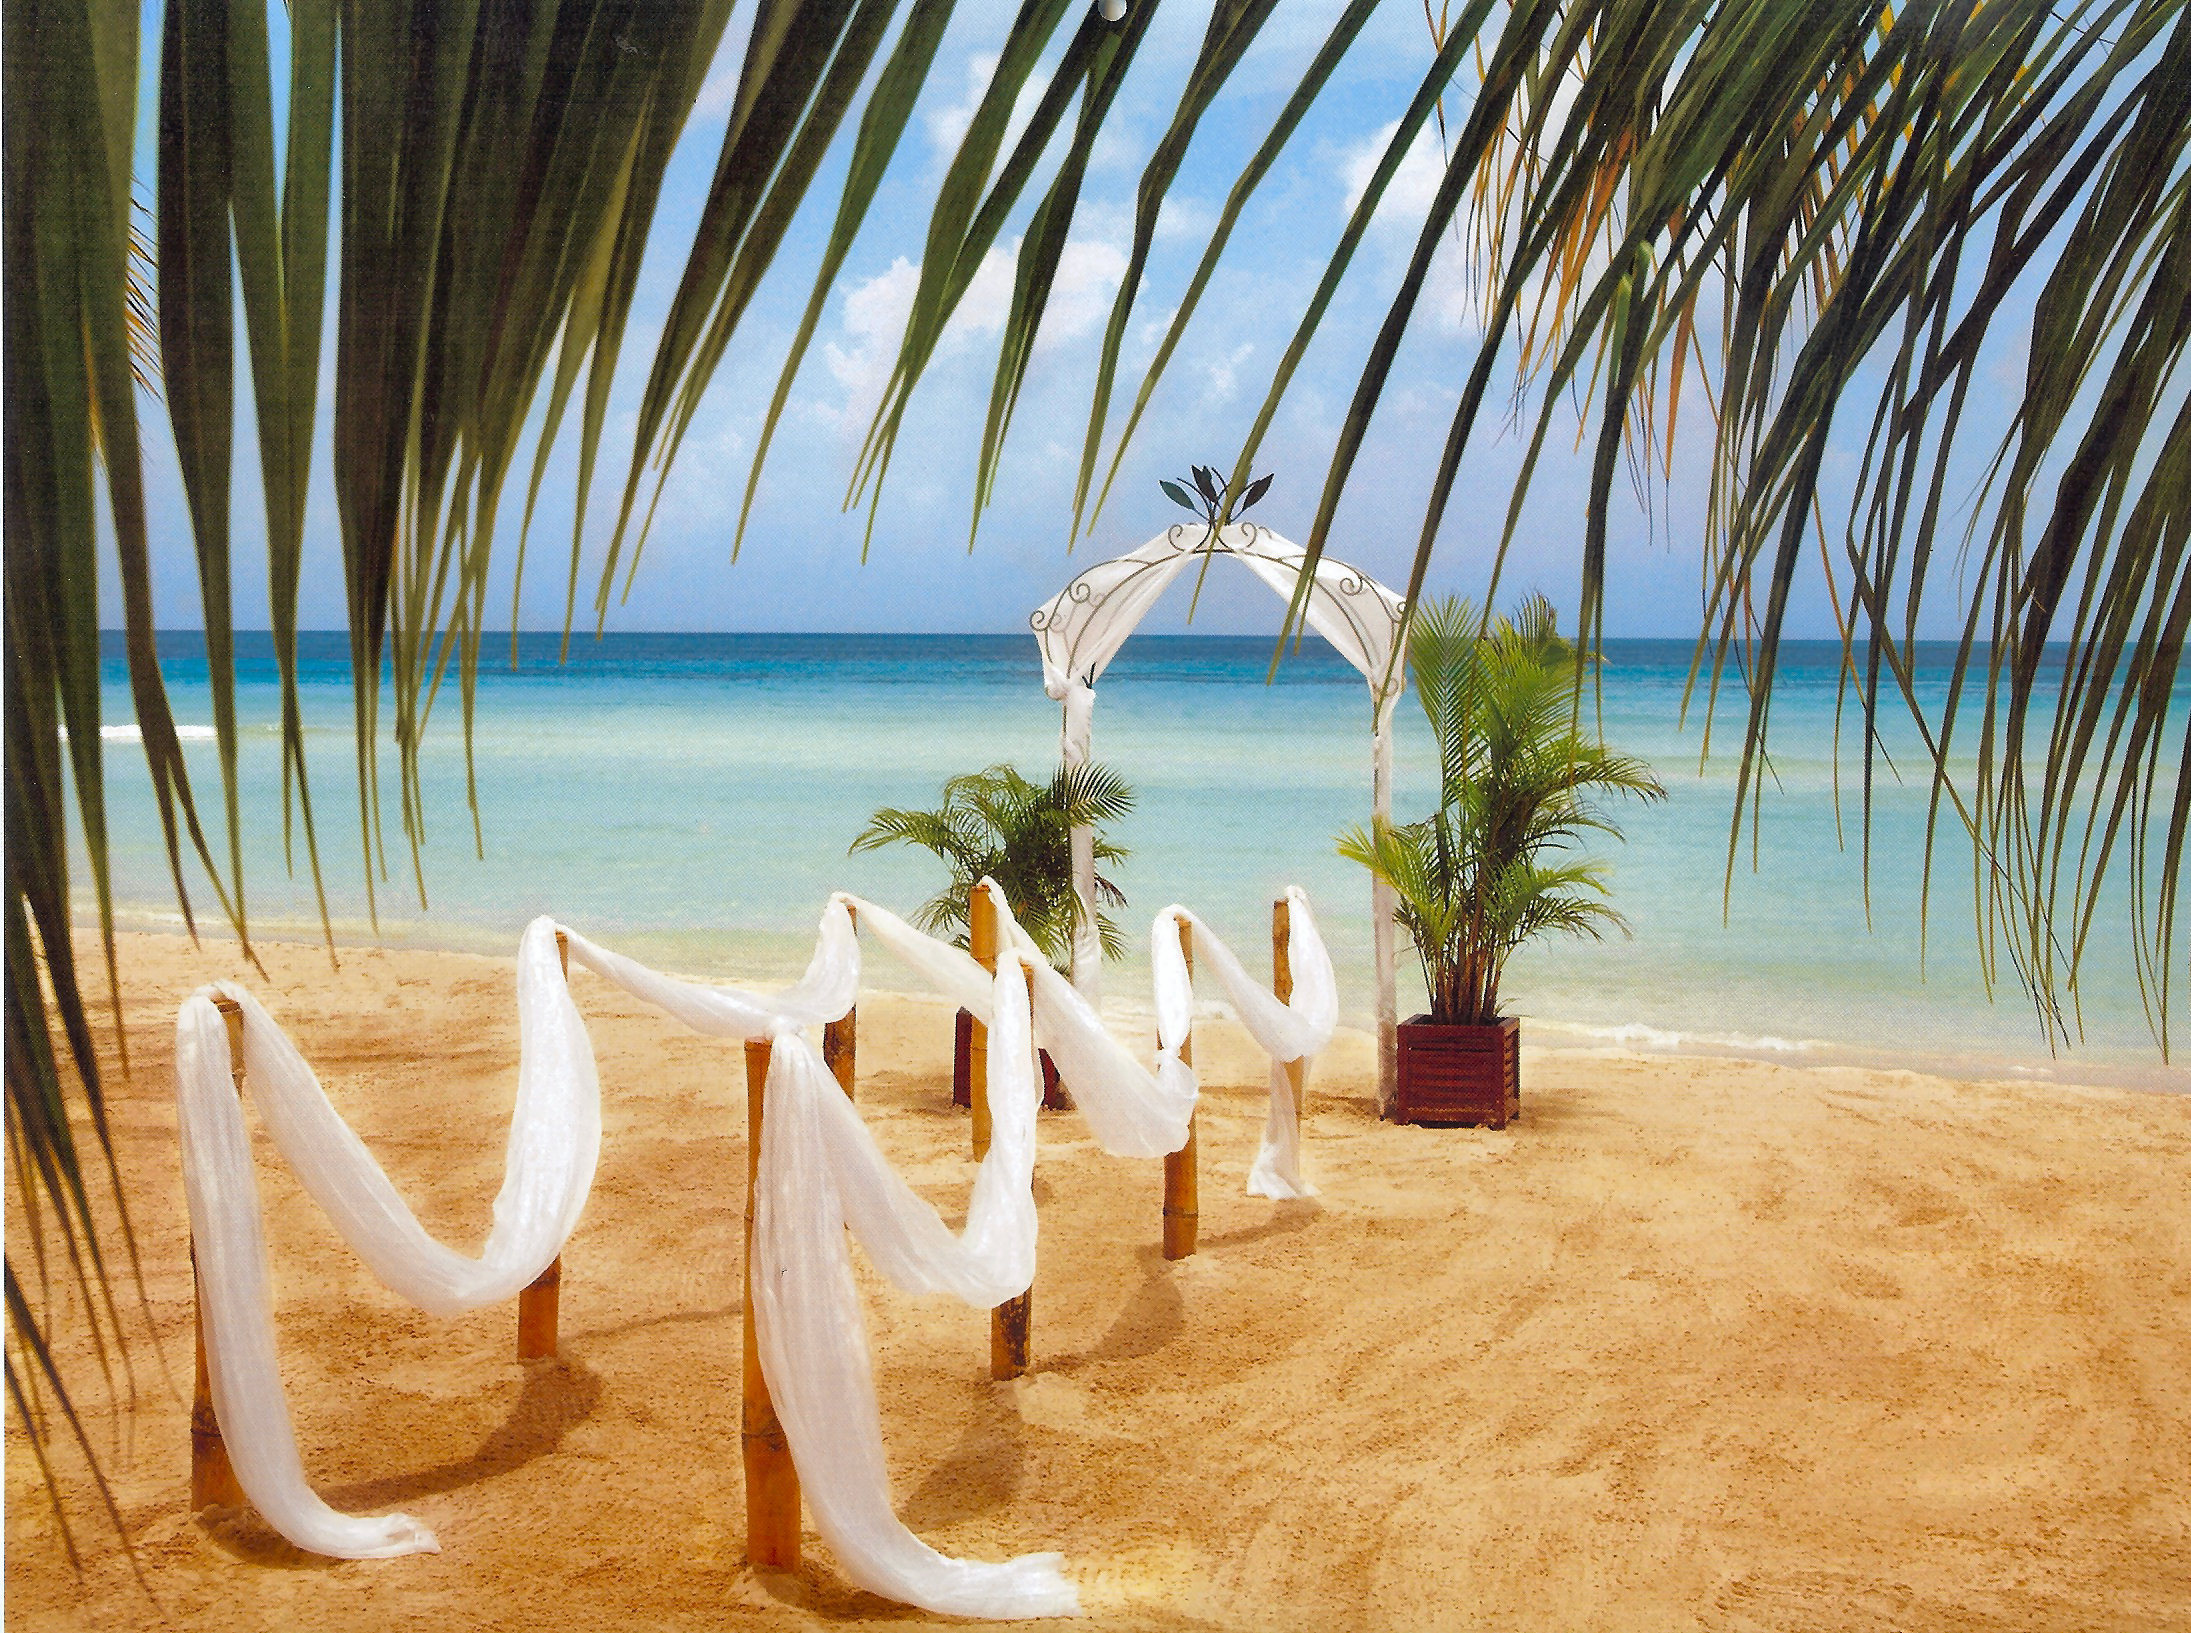 Beach Wedding HD Desktop Wallpaper HD Desktop Wallpaper 2191x1633